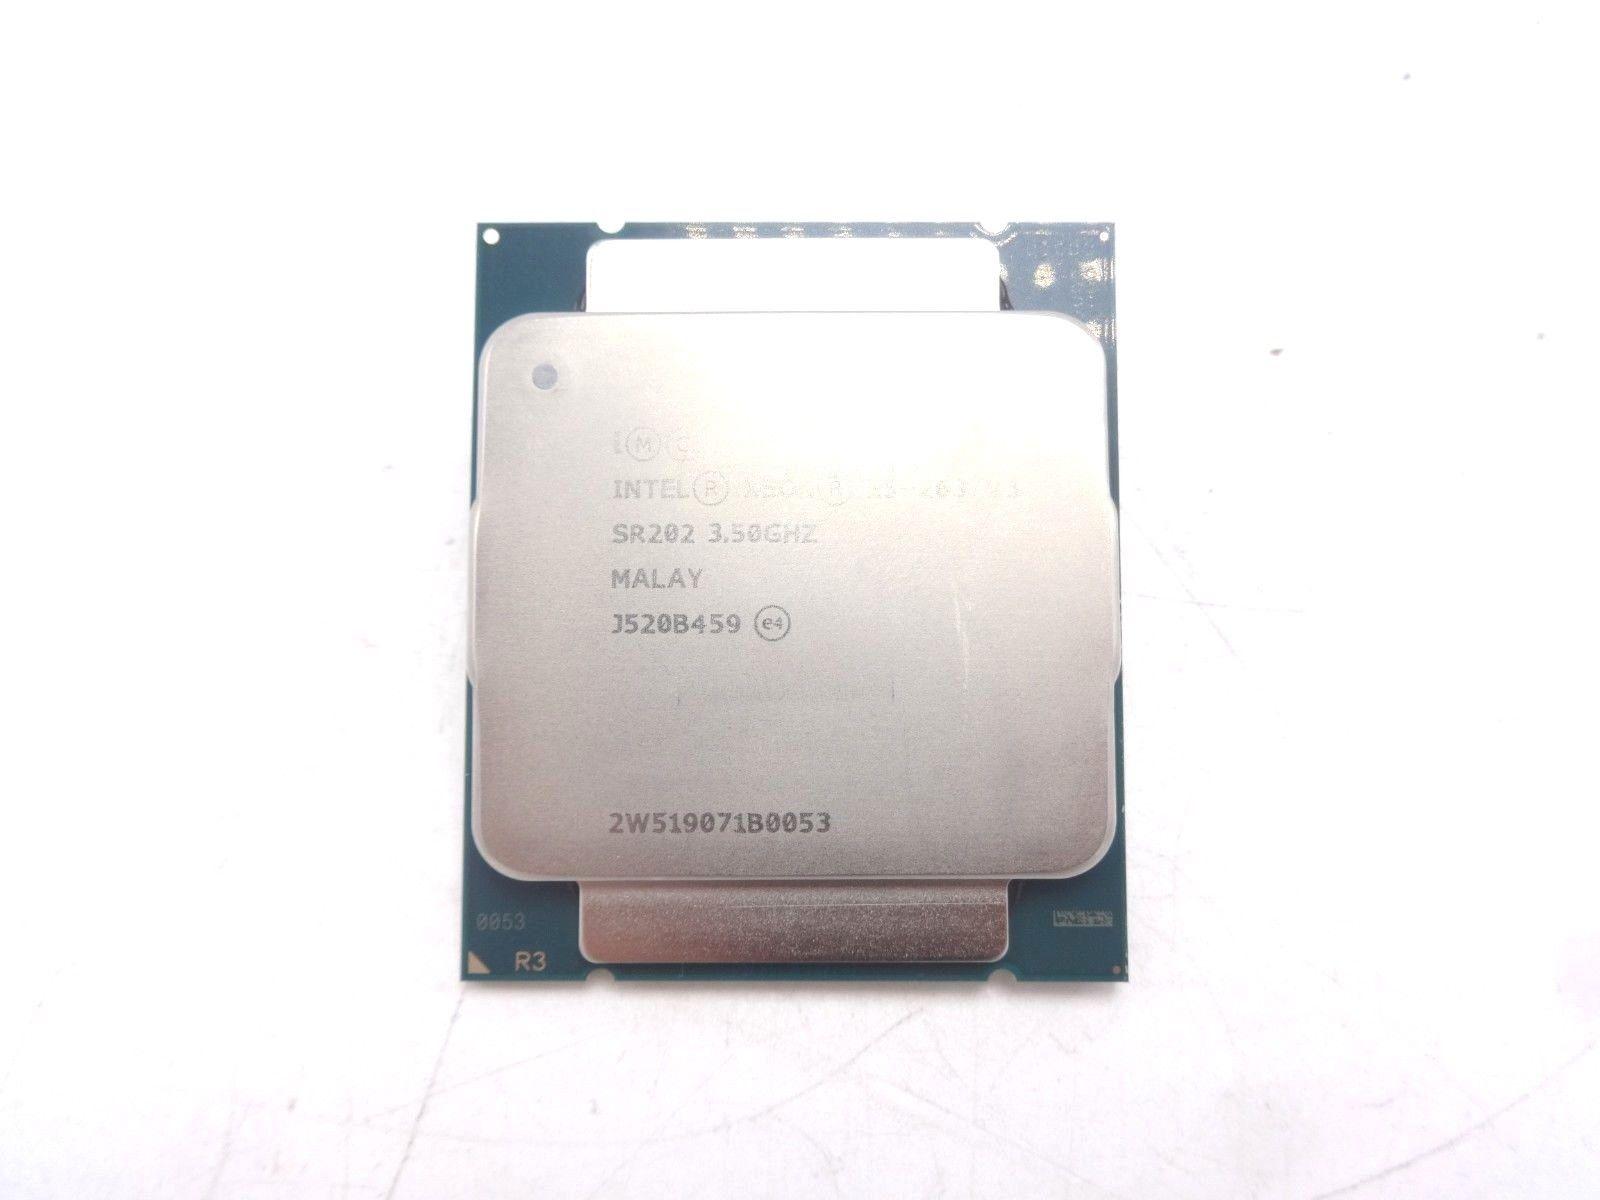 Dell Poweredge R730 Xeon Quad Core 3.5GHz E5-2637 V3 Processor with Heatsink